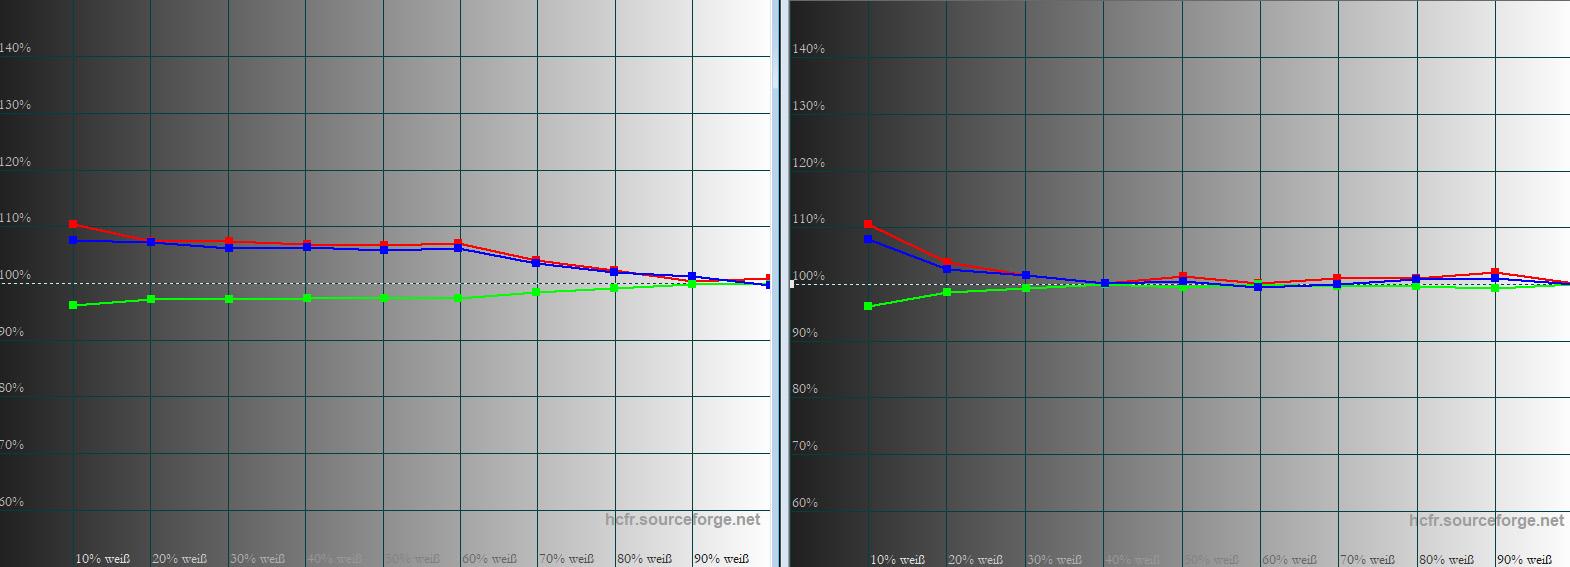 Graustufenverlauf Während Grün in der Werkseinstellung (links) exakt an der Vorgabe verläuft (weiße 100-%-Linie), weichen Rot und Blau bis etwa 60 % geringfügig davon ab. Sichtbar ist das im Filmbetrieb allerdings nicht, da Grautreppen total farbneutral dargestellt werden. Nach der Kalibrierung (rechts) verlaufen RGB ab 20 % vollkommen homogen und normgerecht.